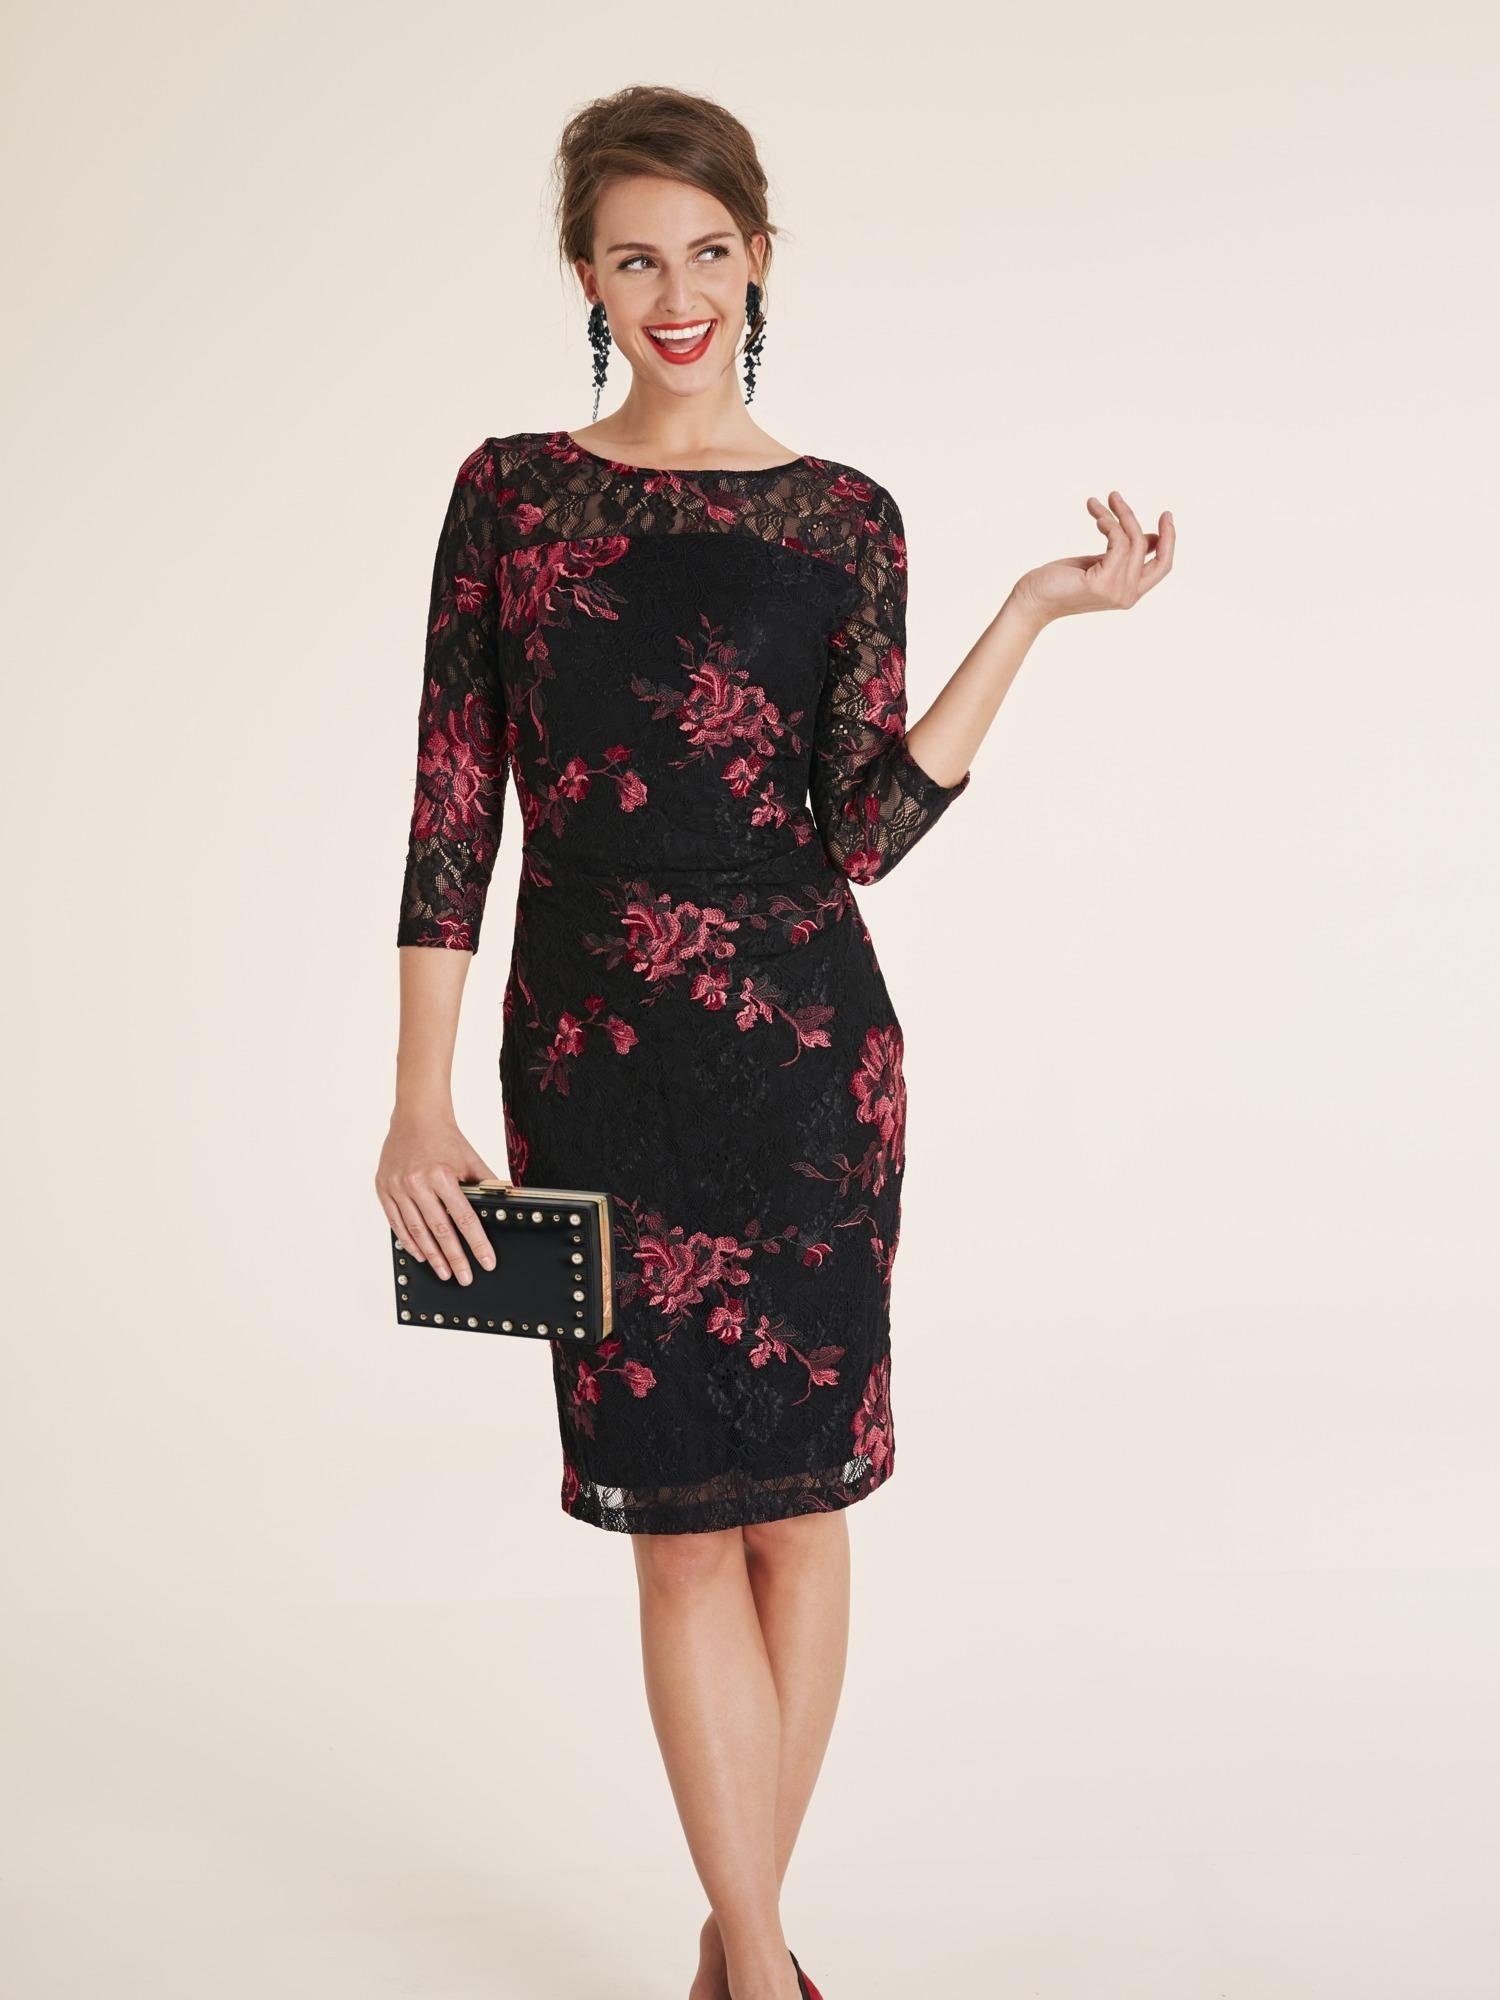 Ashley Brooke By Heine Kanten jurk voordelig en veilig online kopen